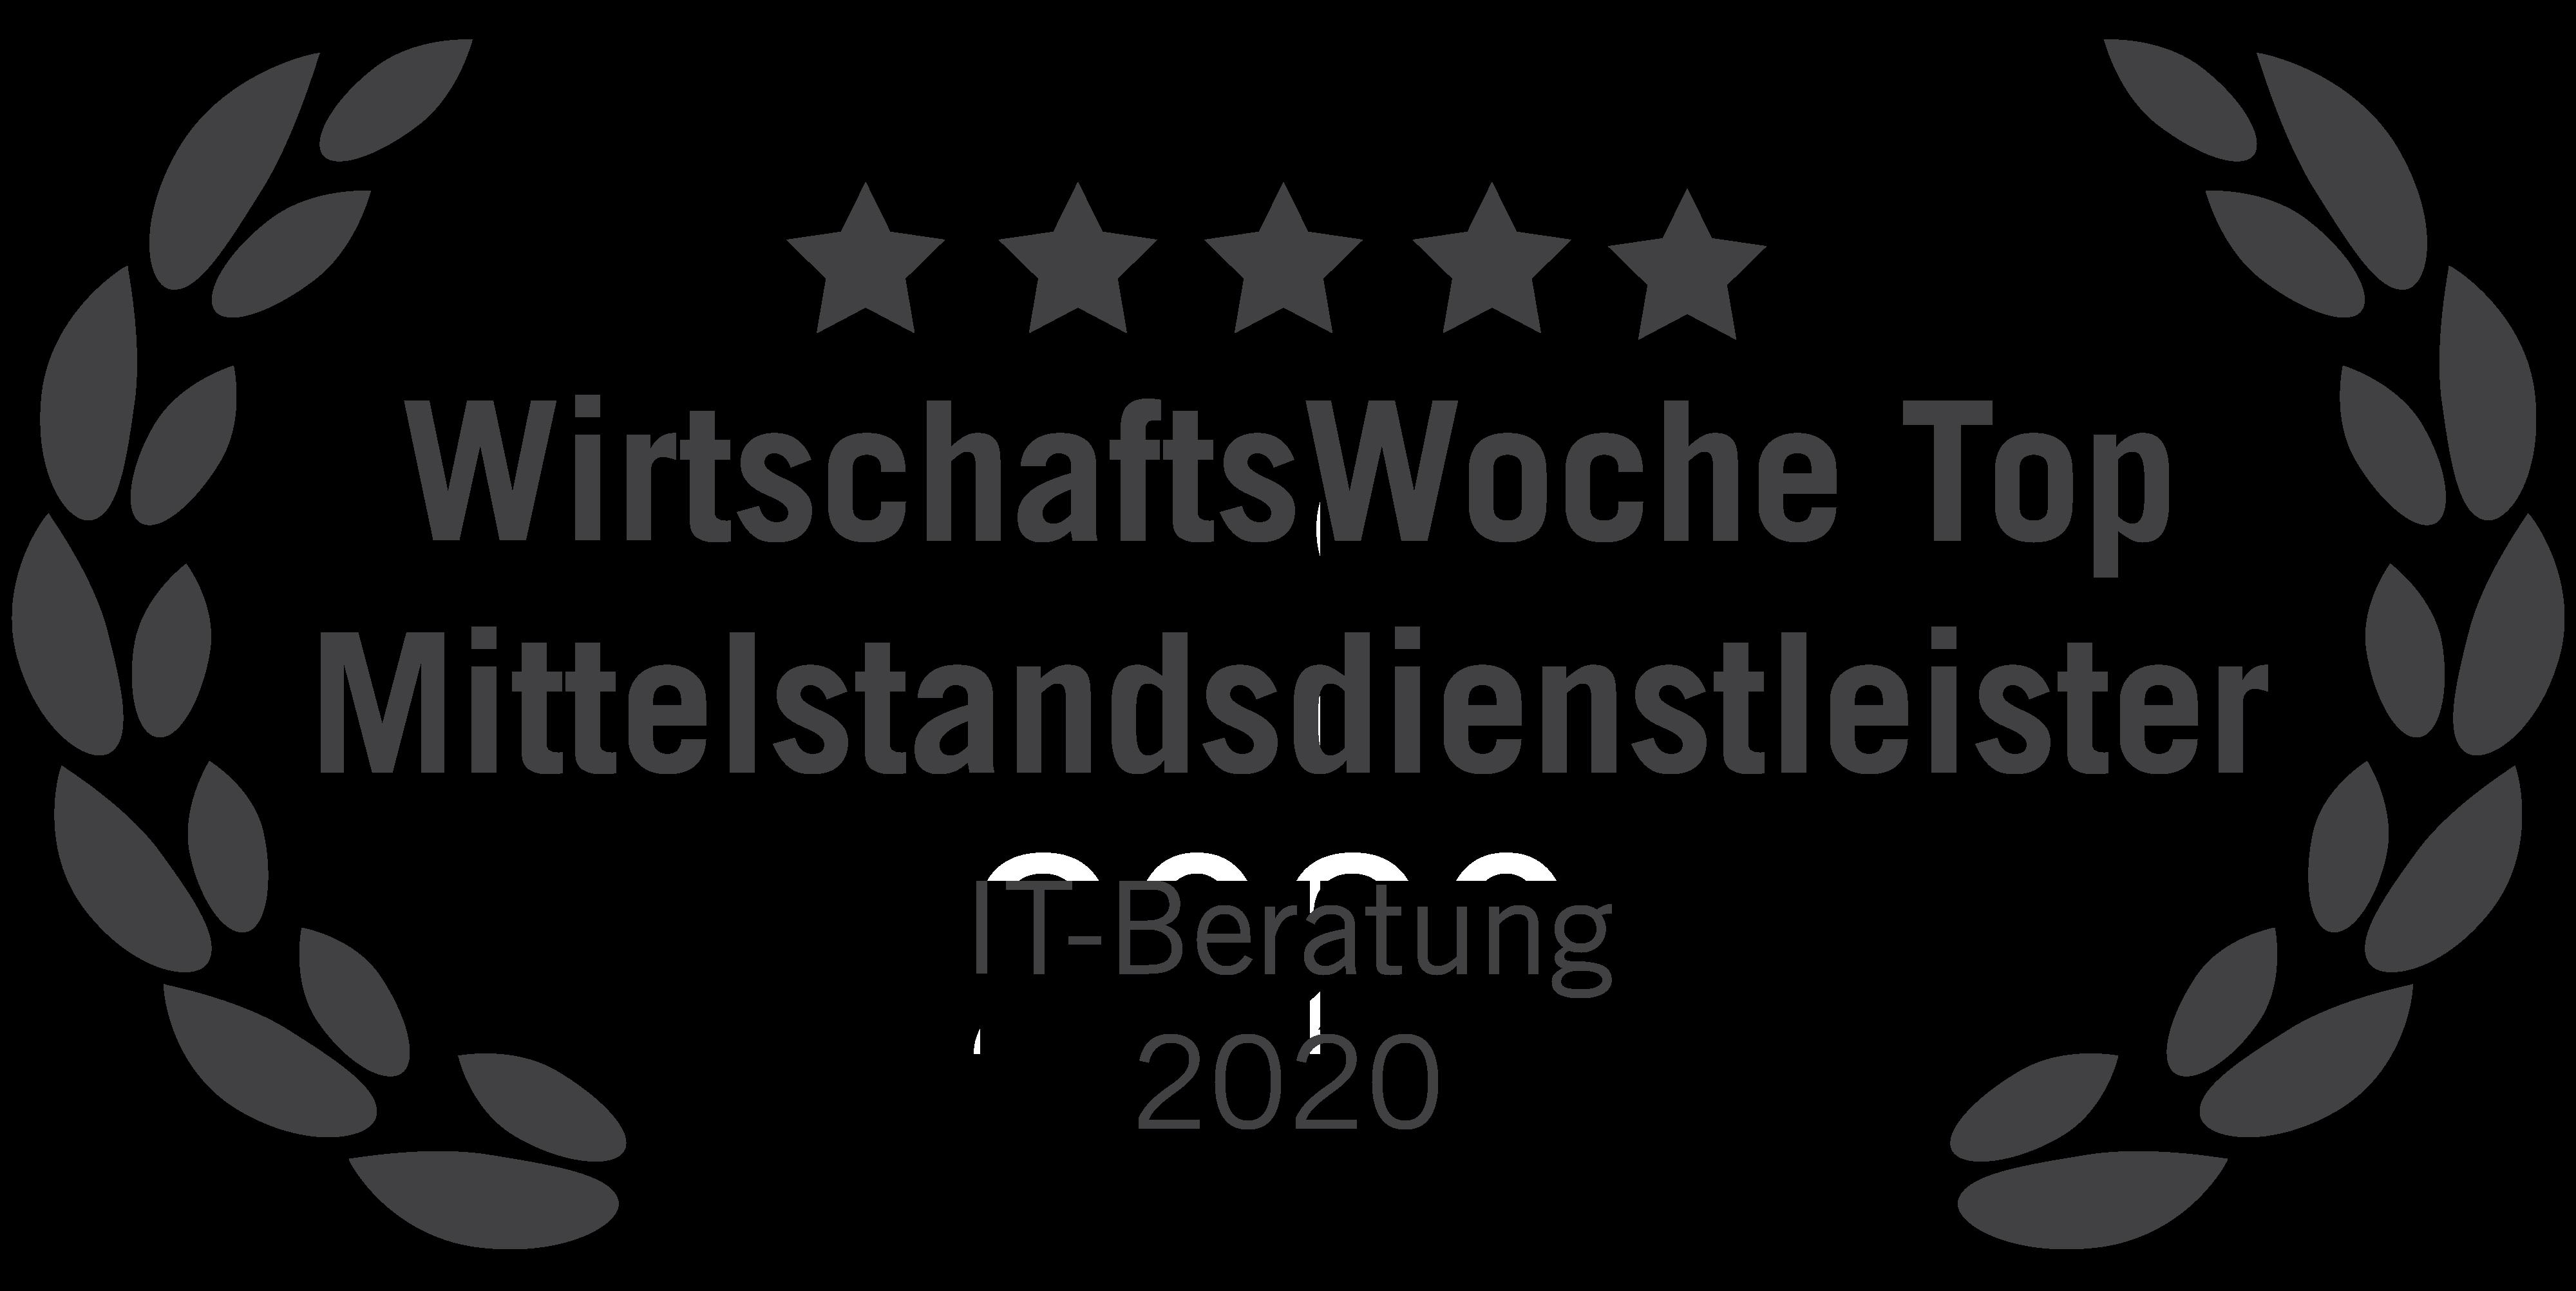 Die WirtschaftsWoche hat blueforte im Wettbewerb um die besten Mittelstandsdienstleister 2020 ausgezeichnet. Das Unternehmen konnte hier in der Kategorie IT-Beratung eine Top-Platzierung erzielen.